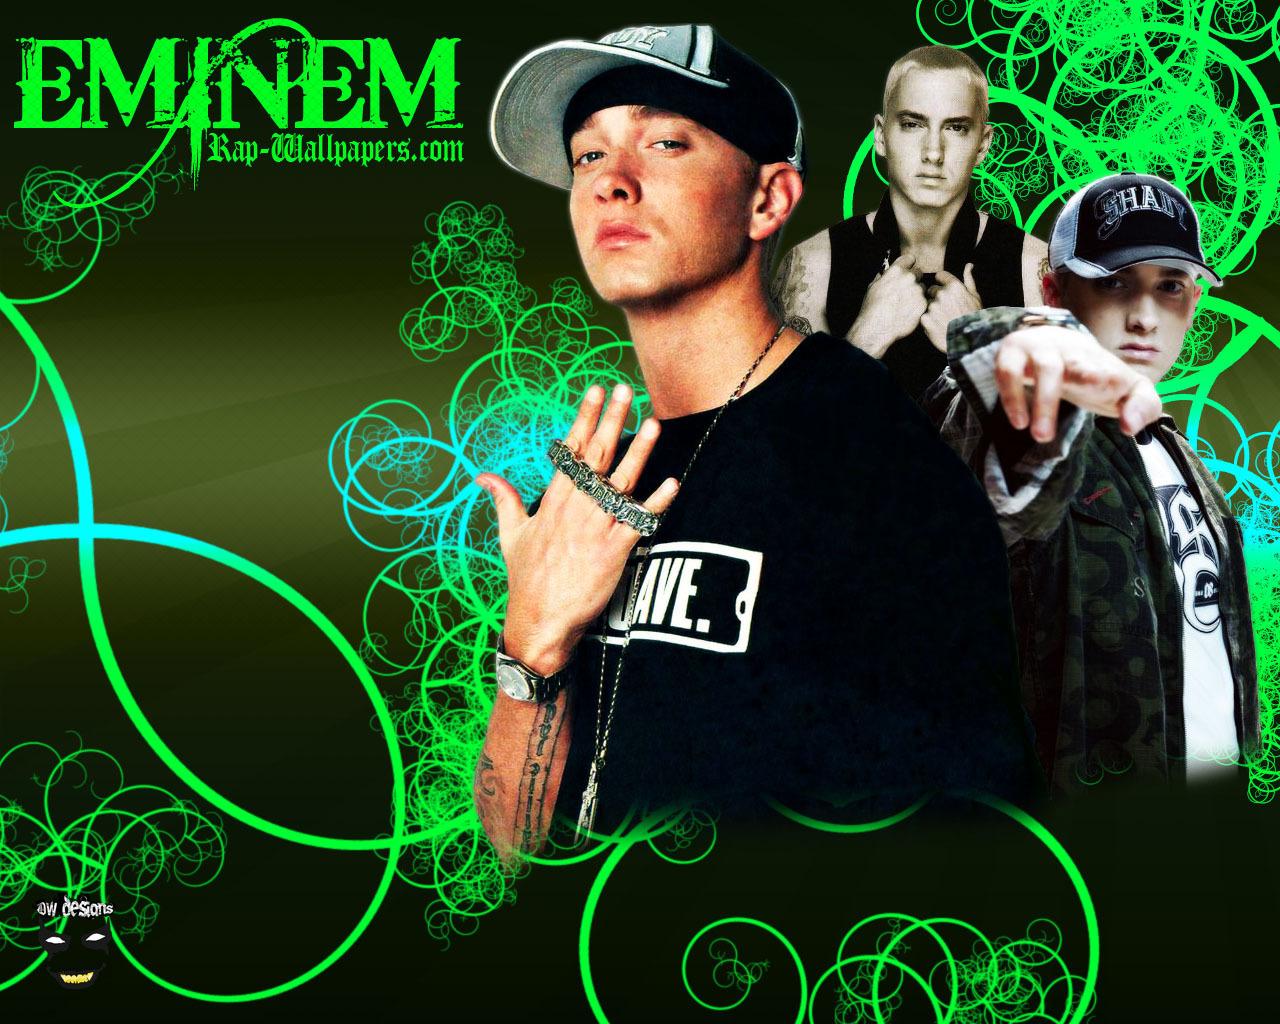 Eminem - Picture